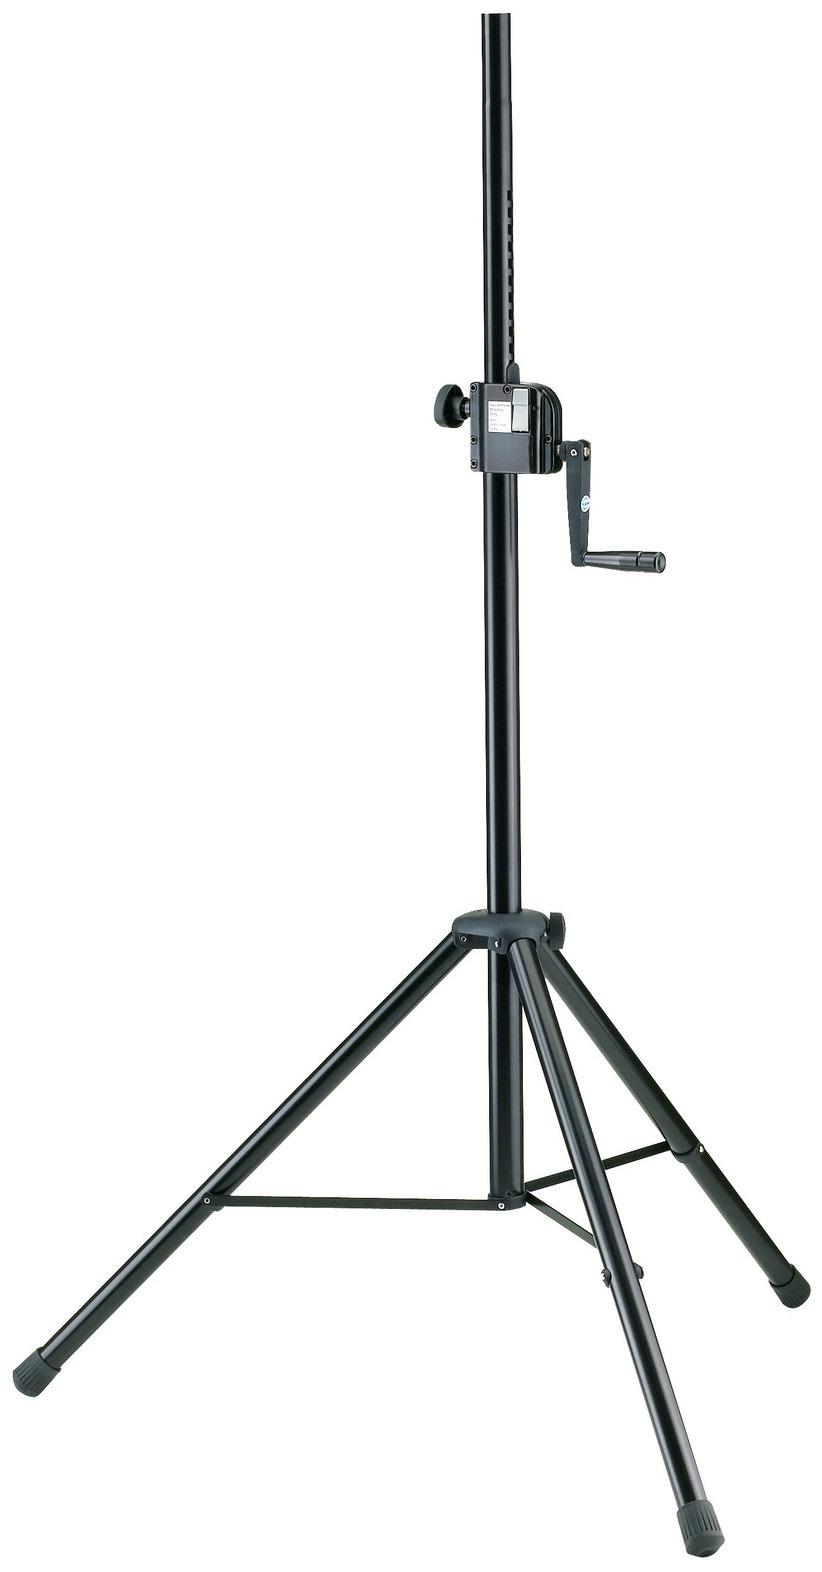 Speaker Stand in Black